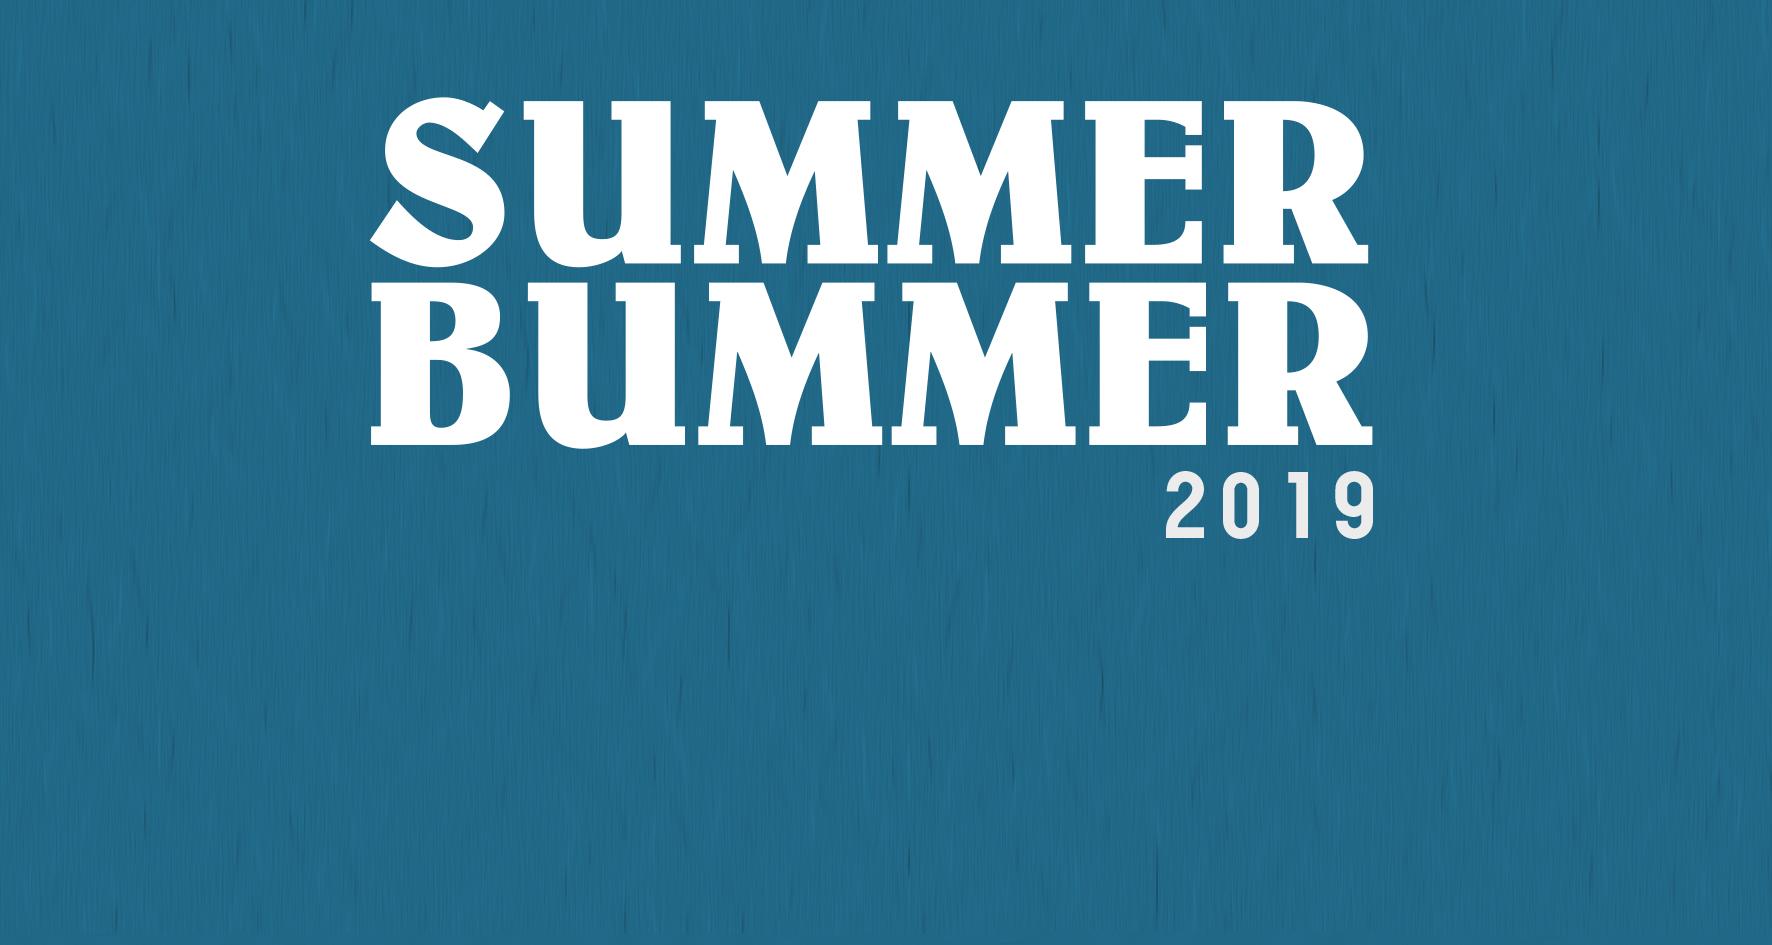 SUMMER BUMMER FESTIVAL 2019 - DAY 2